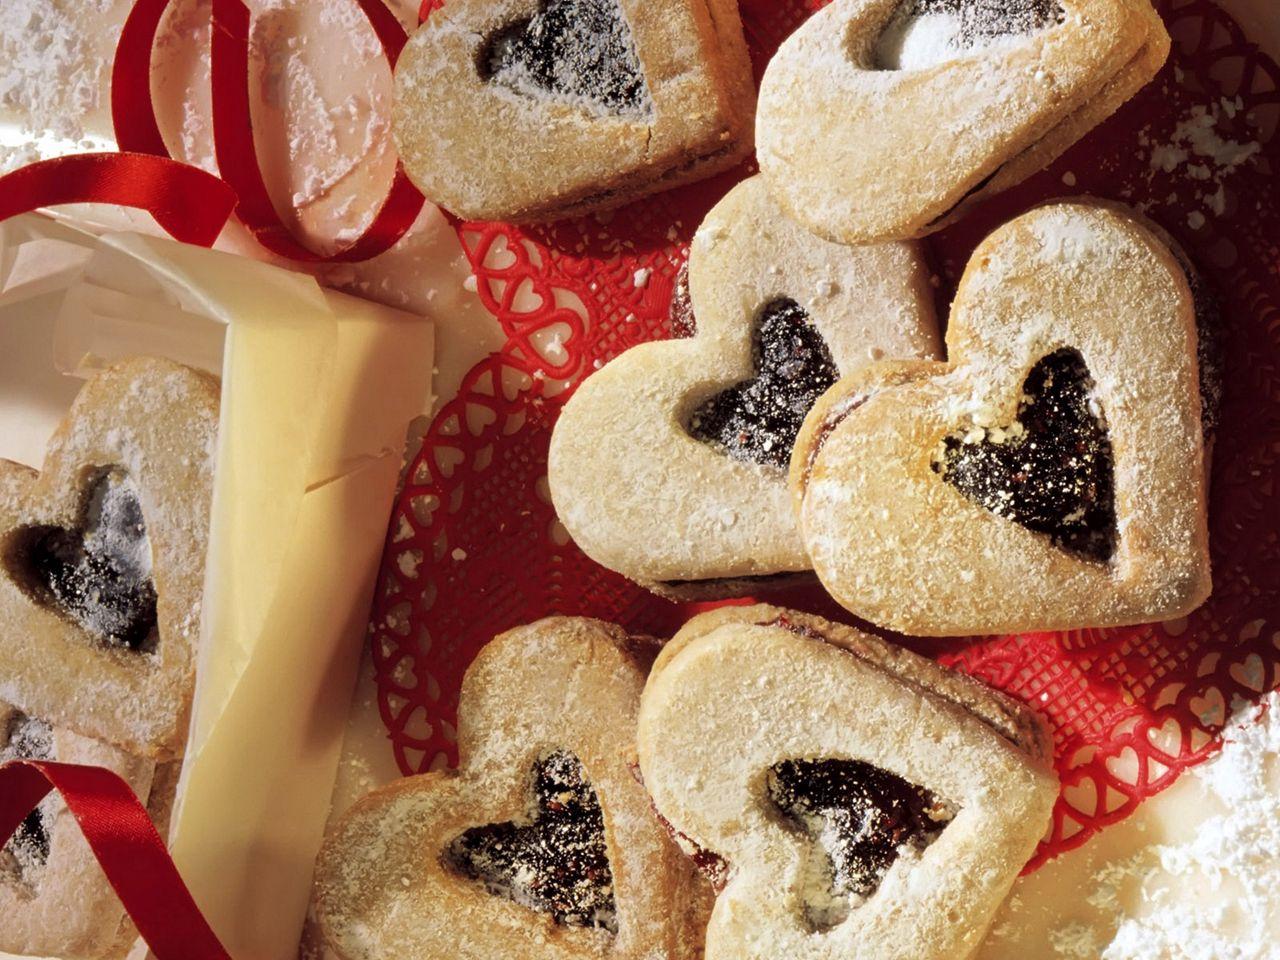 1280x960 Wallpaper cookies, hearts, cakes, sprinkles